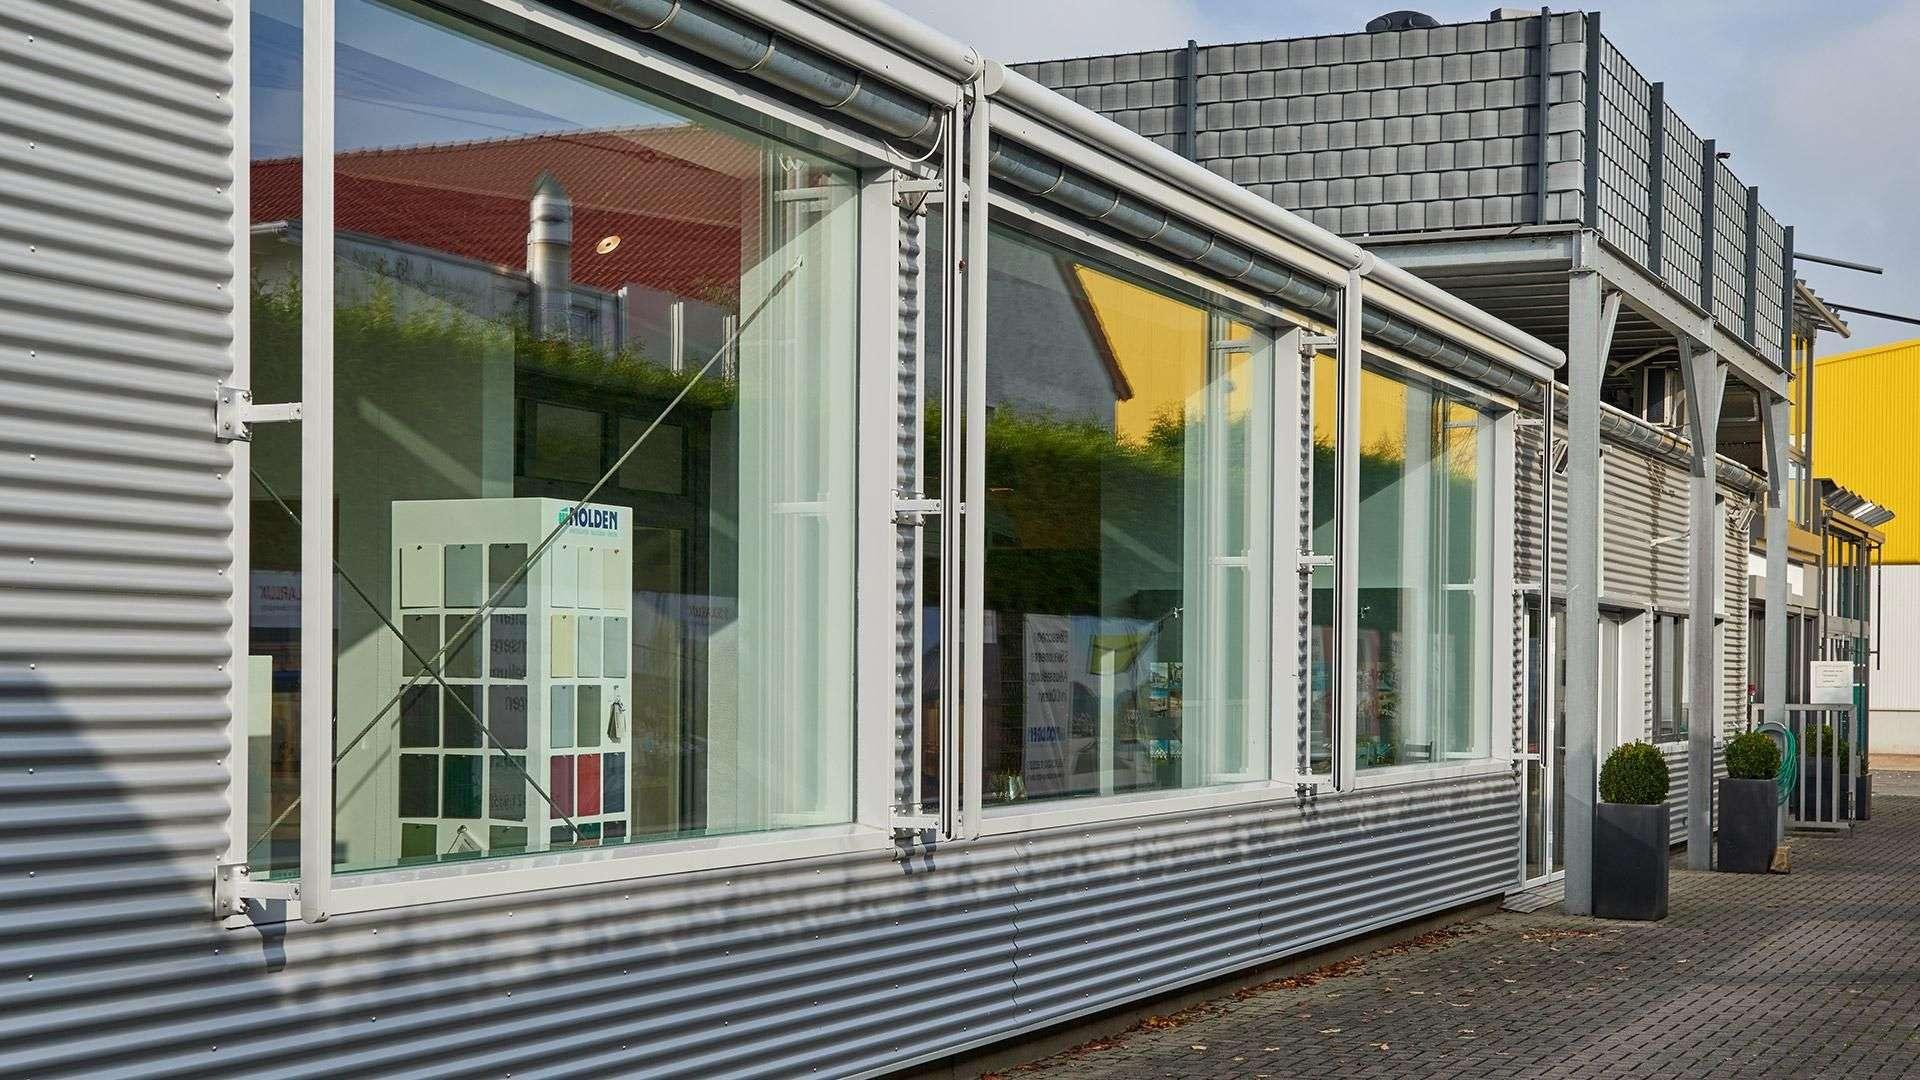 Außenansicht der Fensterfront der Nolden Ausstellung